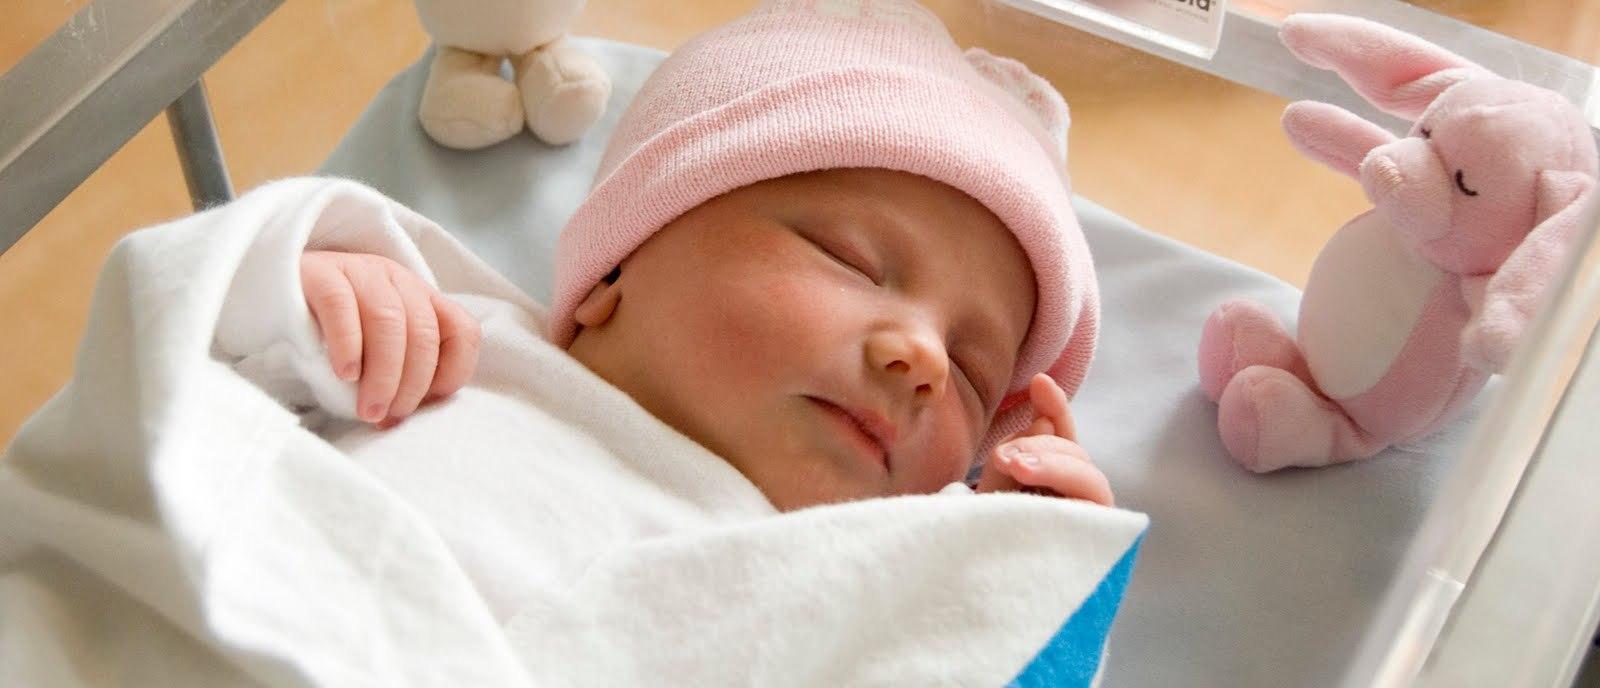 Rüyada Yeni Doğan Bebeğin Aniden Konuşması